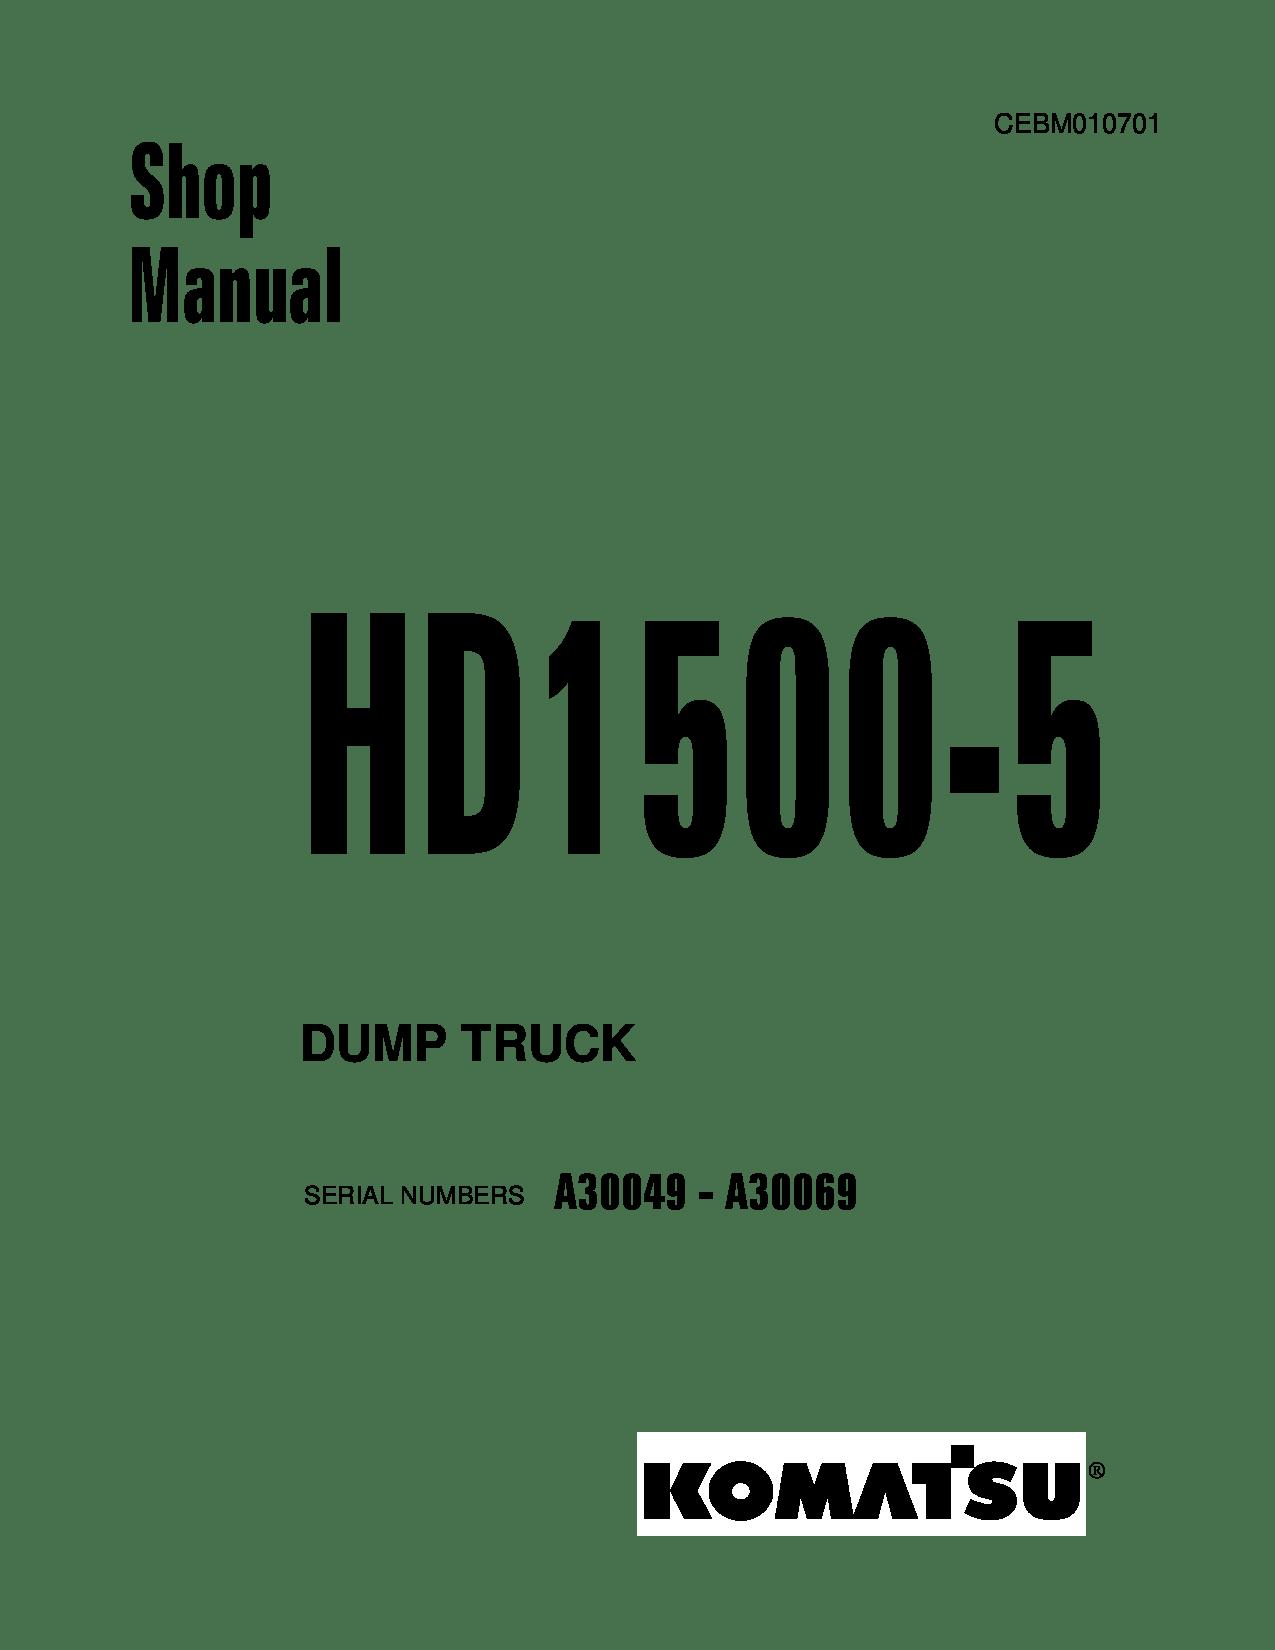 Komatsu HD1500-5 Operation and Maintenance Manual